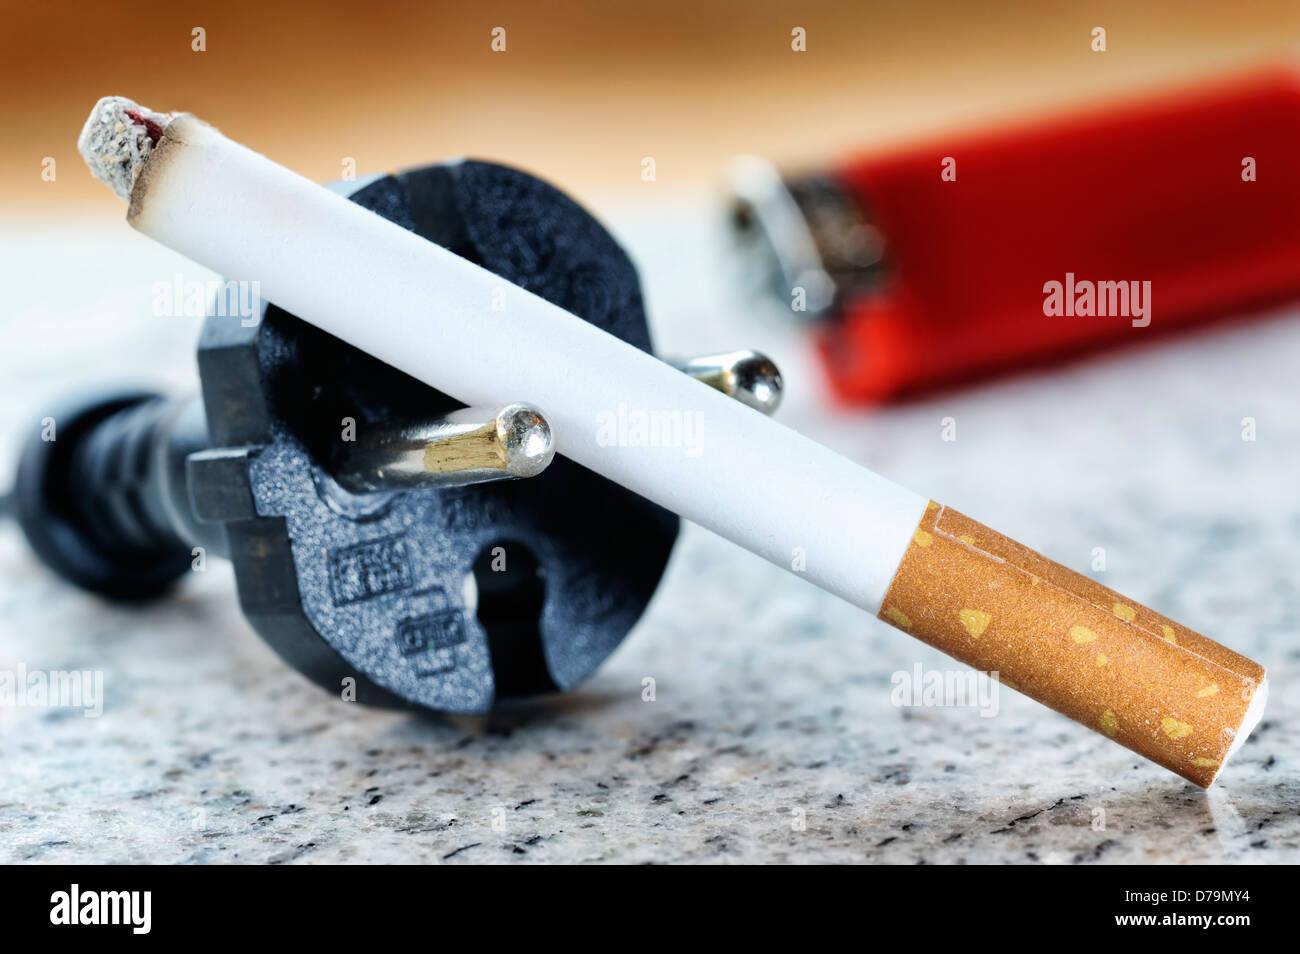 Elektrische Zigarette, symbolische Foto, Elektrische Zigarette, Symbolfoto Stockbild